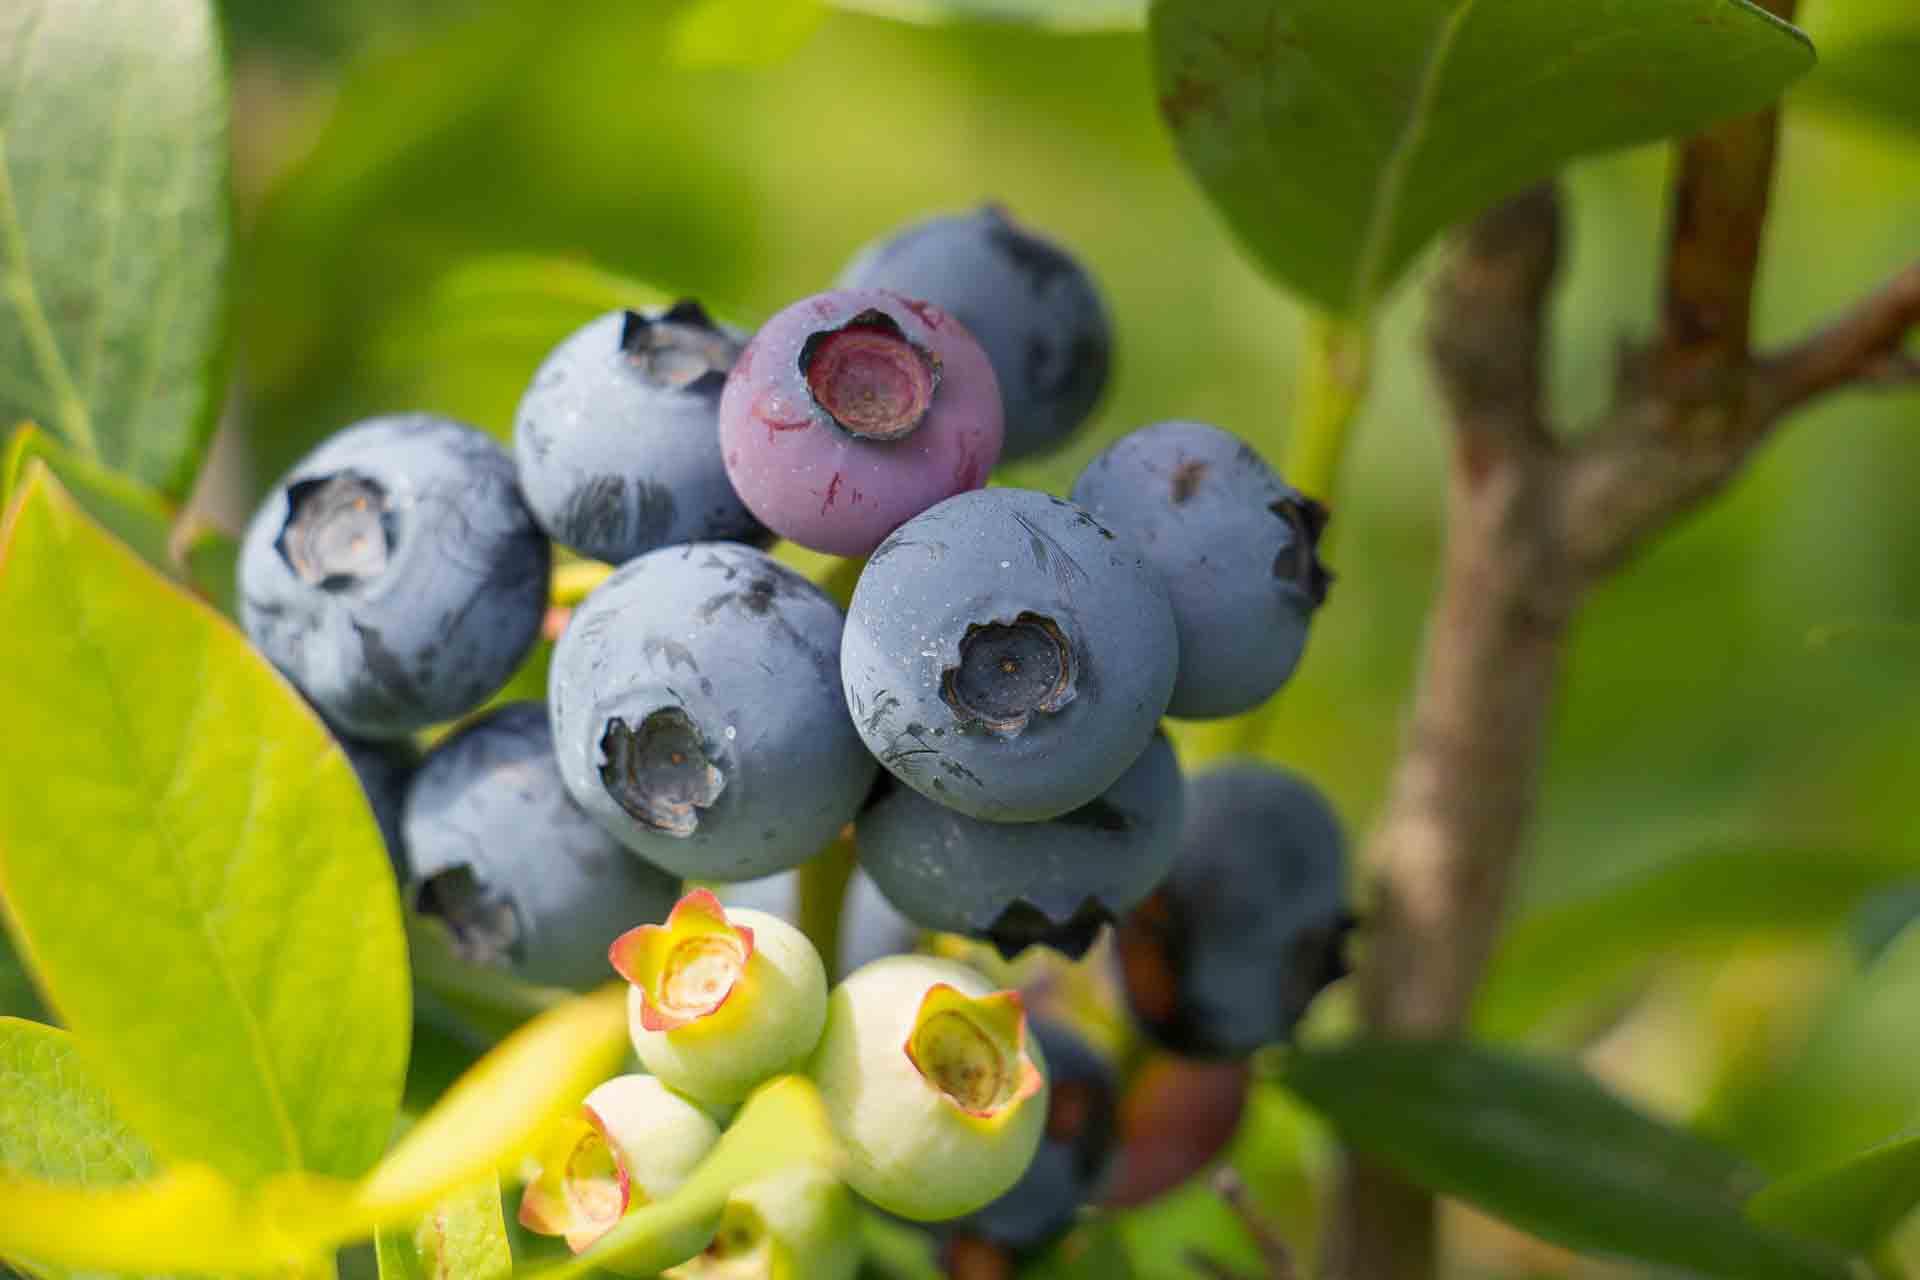 Les fruits les plus adaptés à un régime minceur